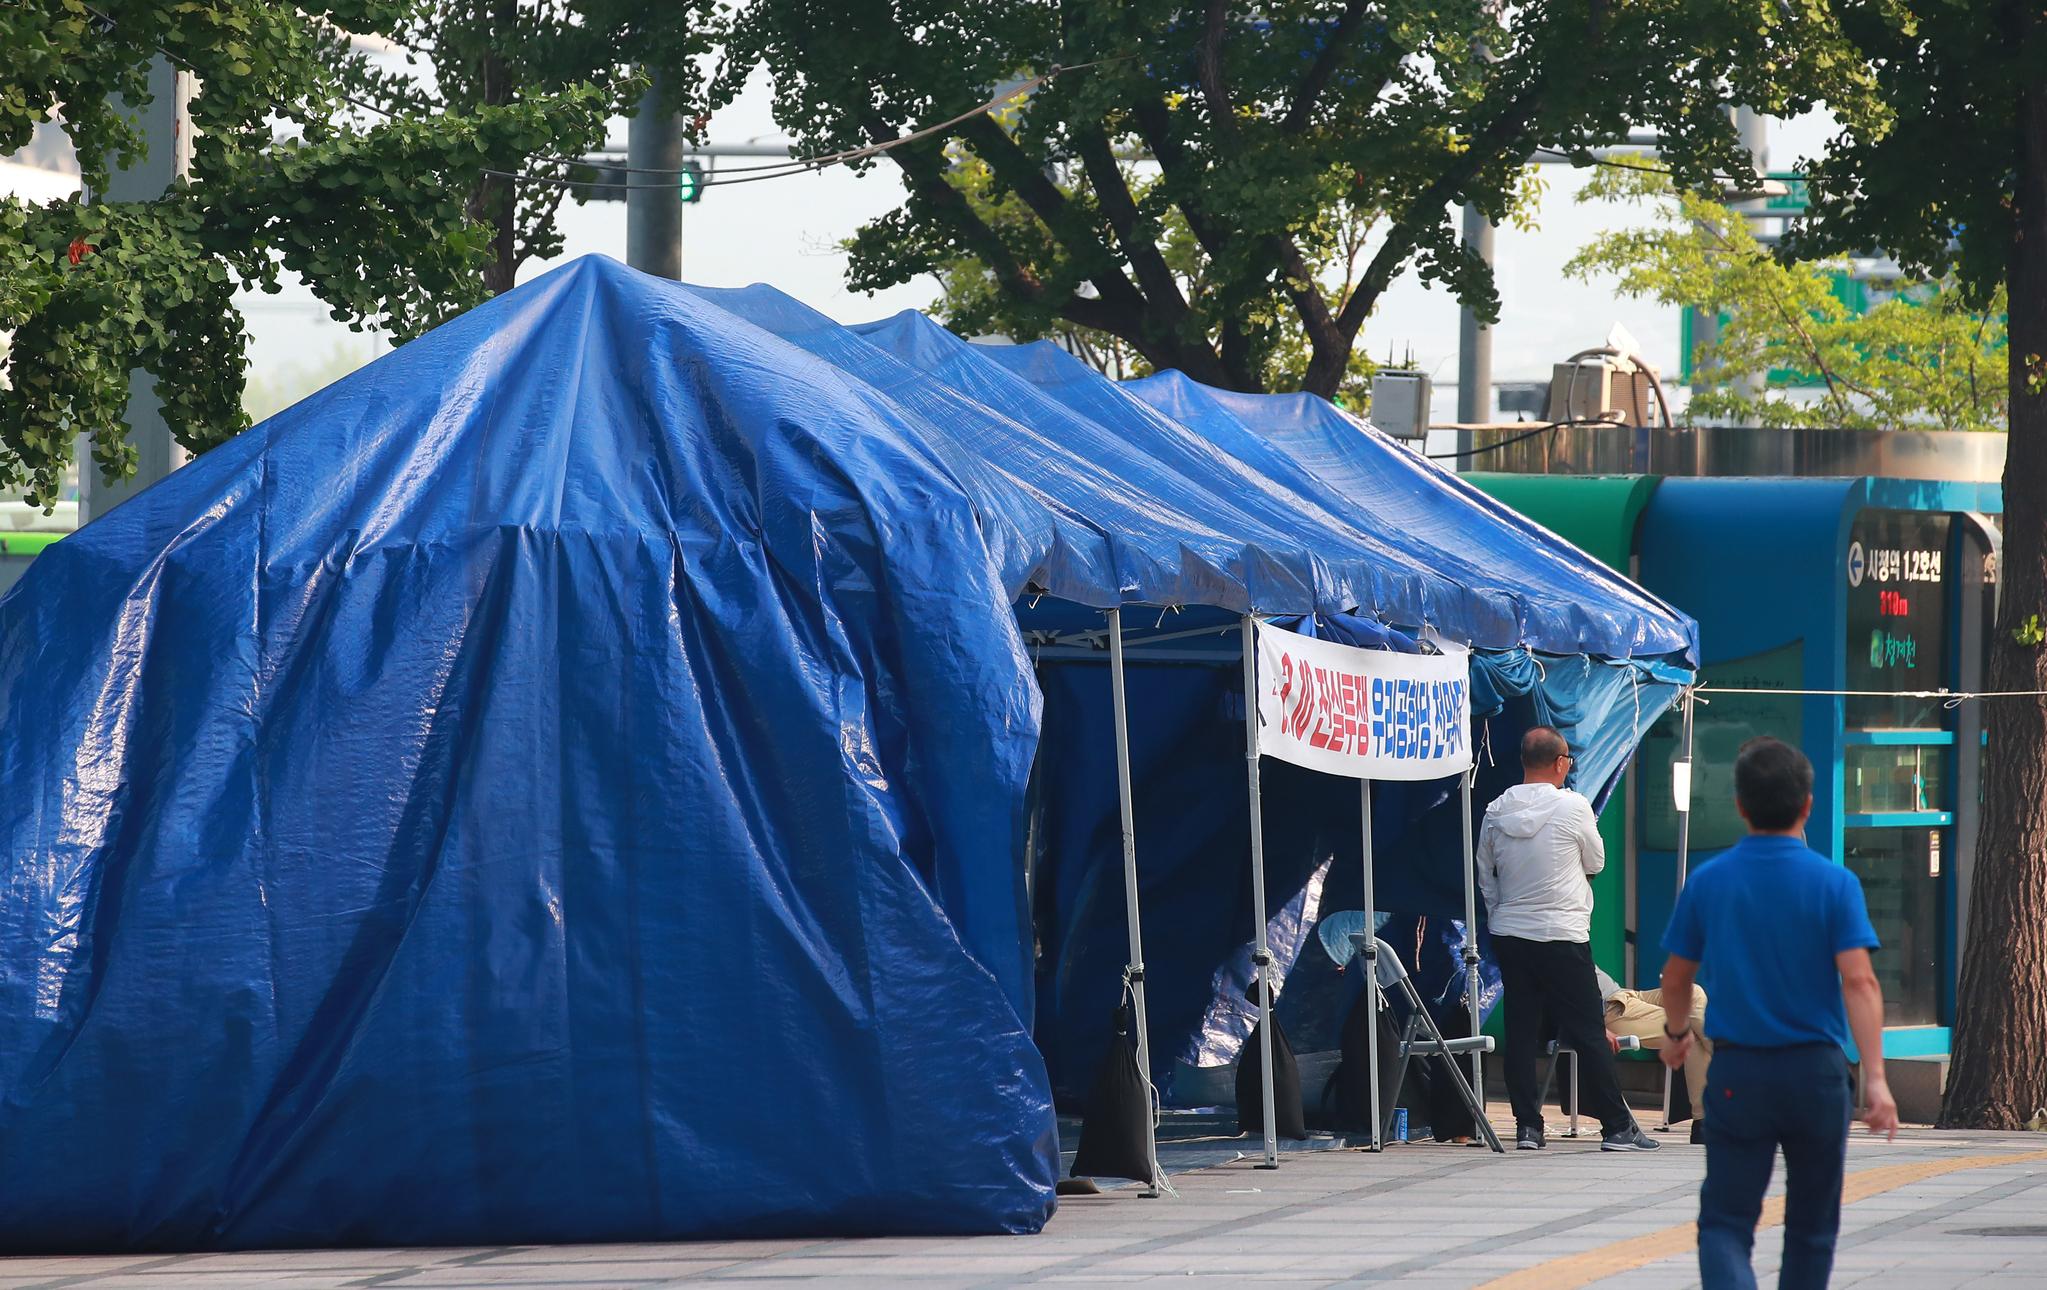 지난 19일 오전 서울 광화문광장 인근에 설치된 우리공화당 천막. [연합뉴스]